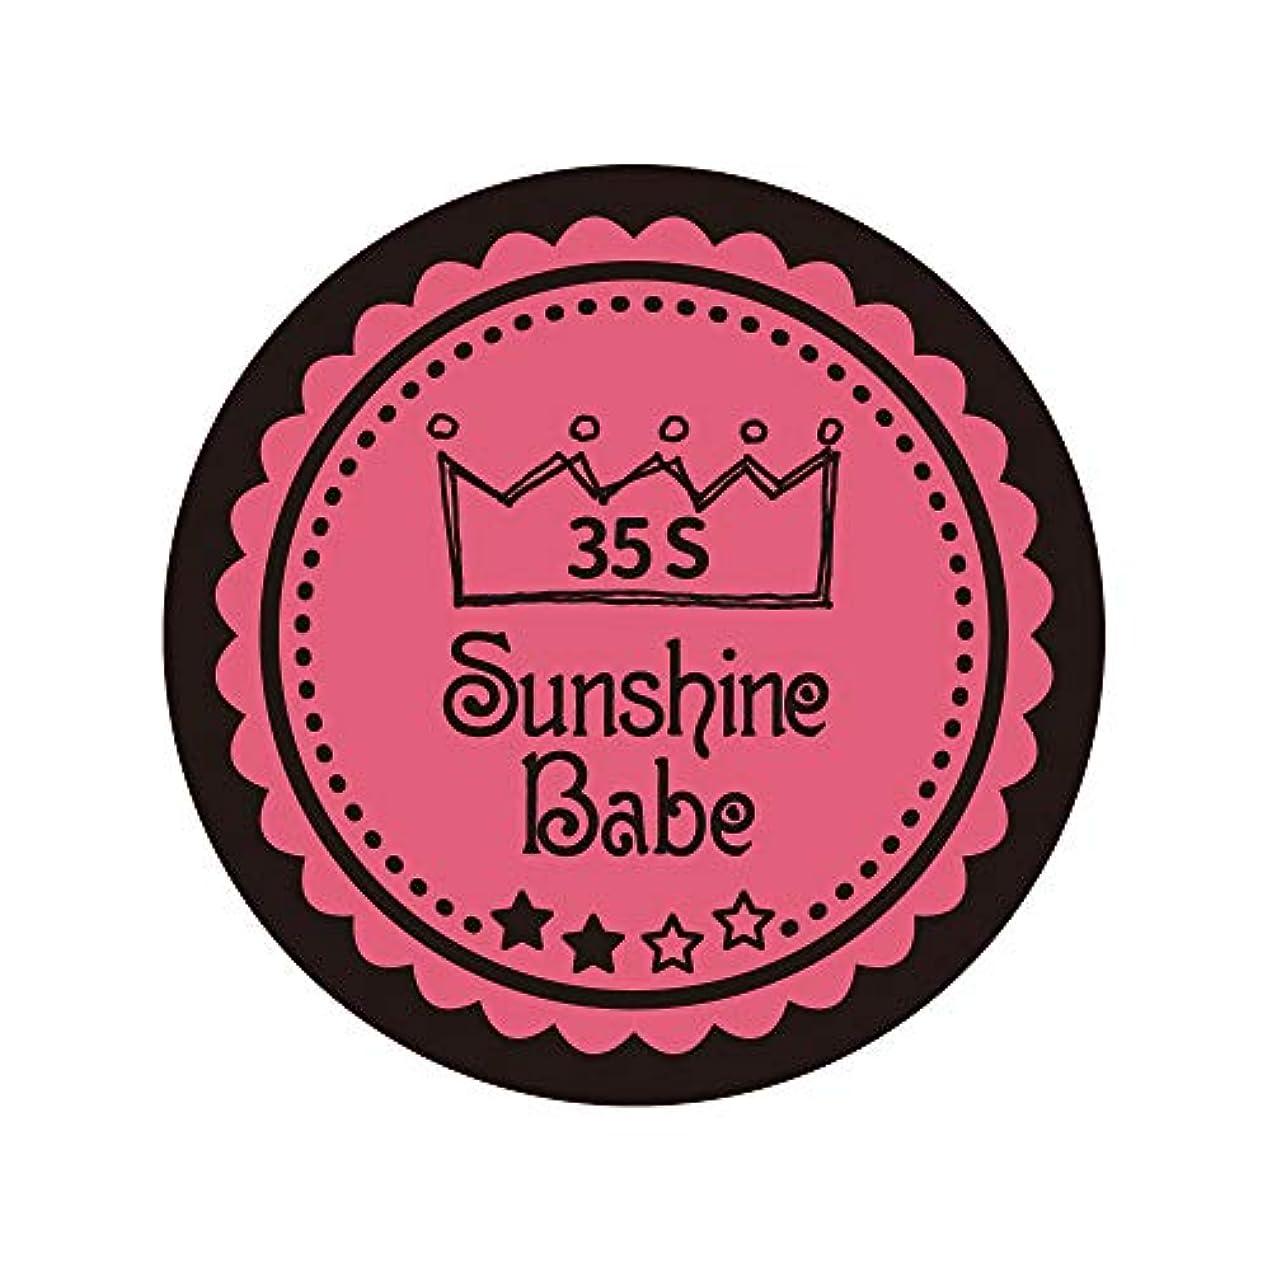 土許可する春Sunshine Babe カラージェル 35S ローズピンク 2.7g UV/LED対応